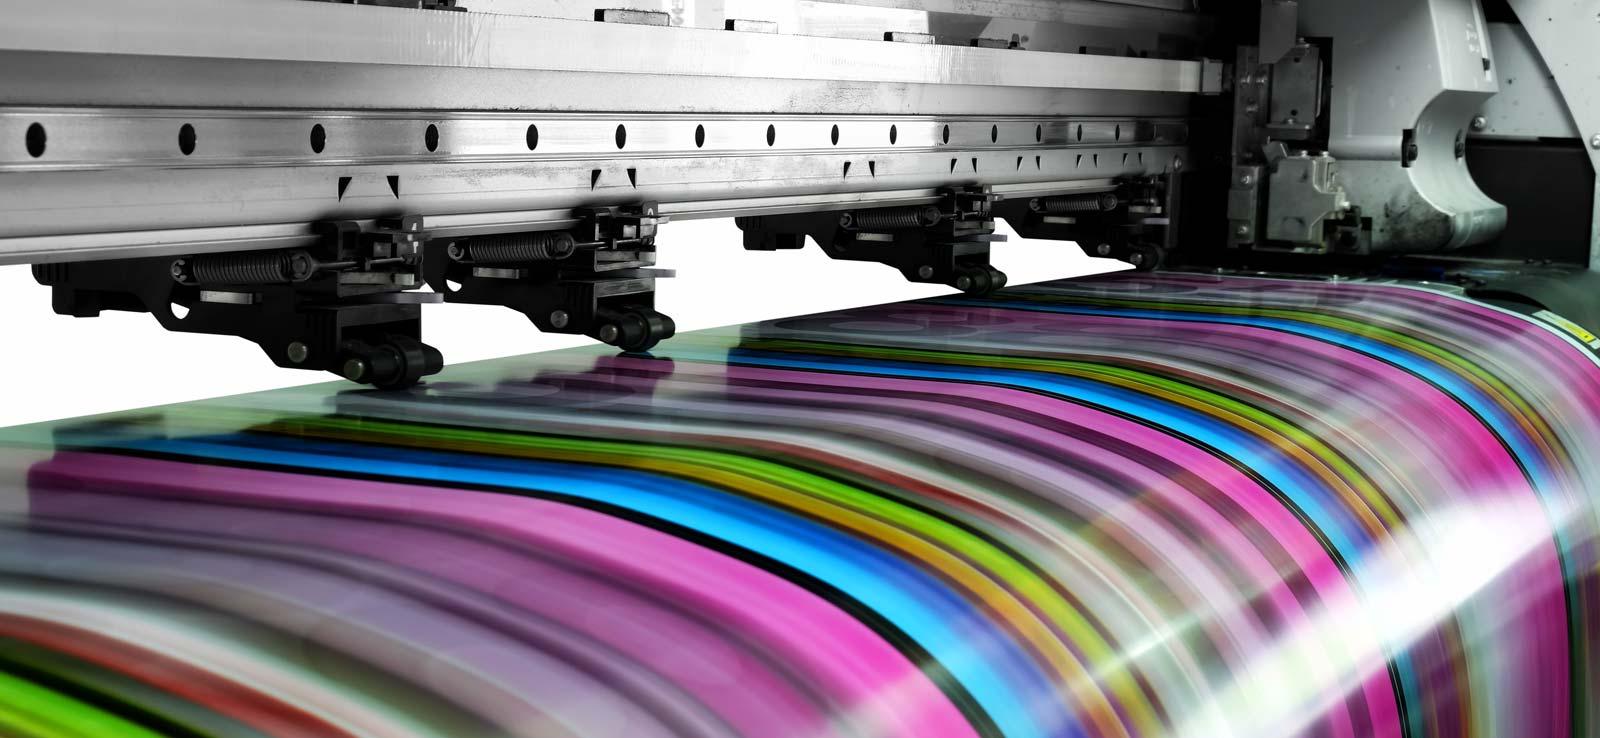 Latitude printing press